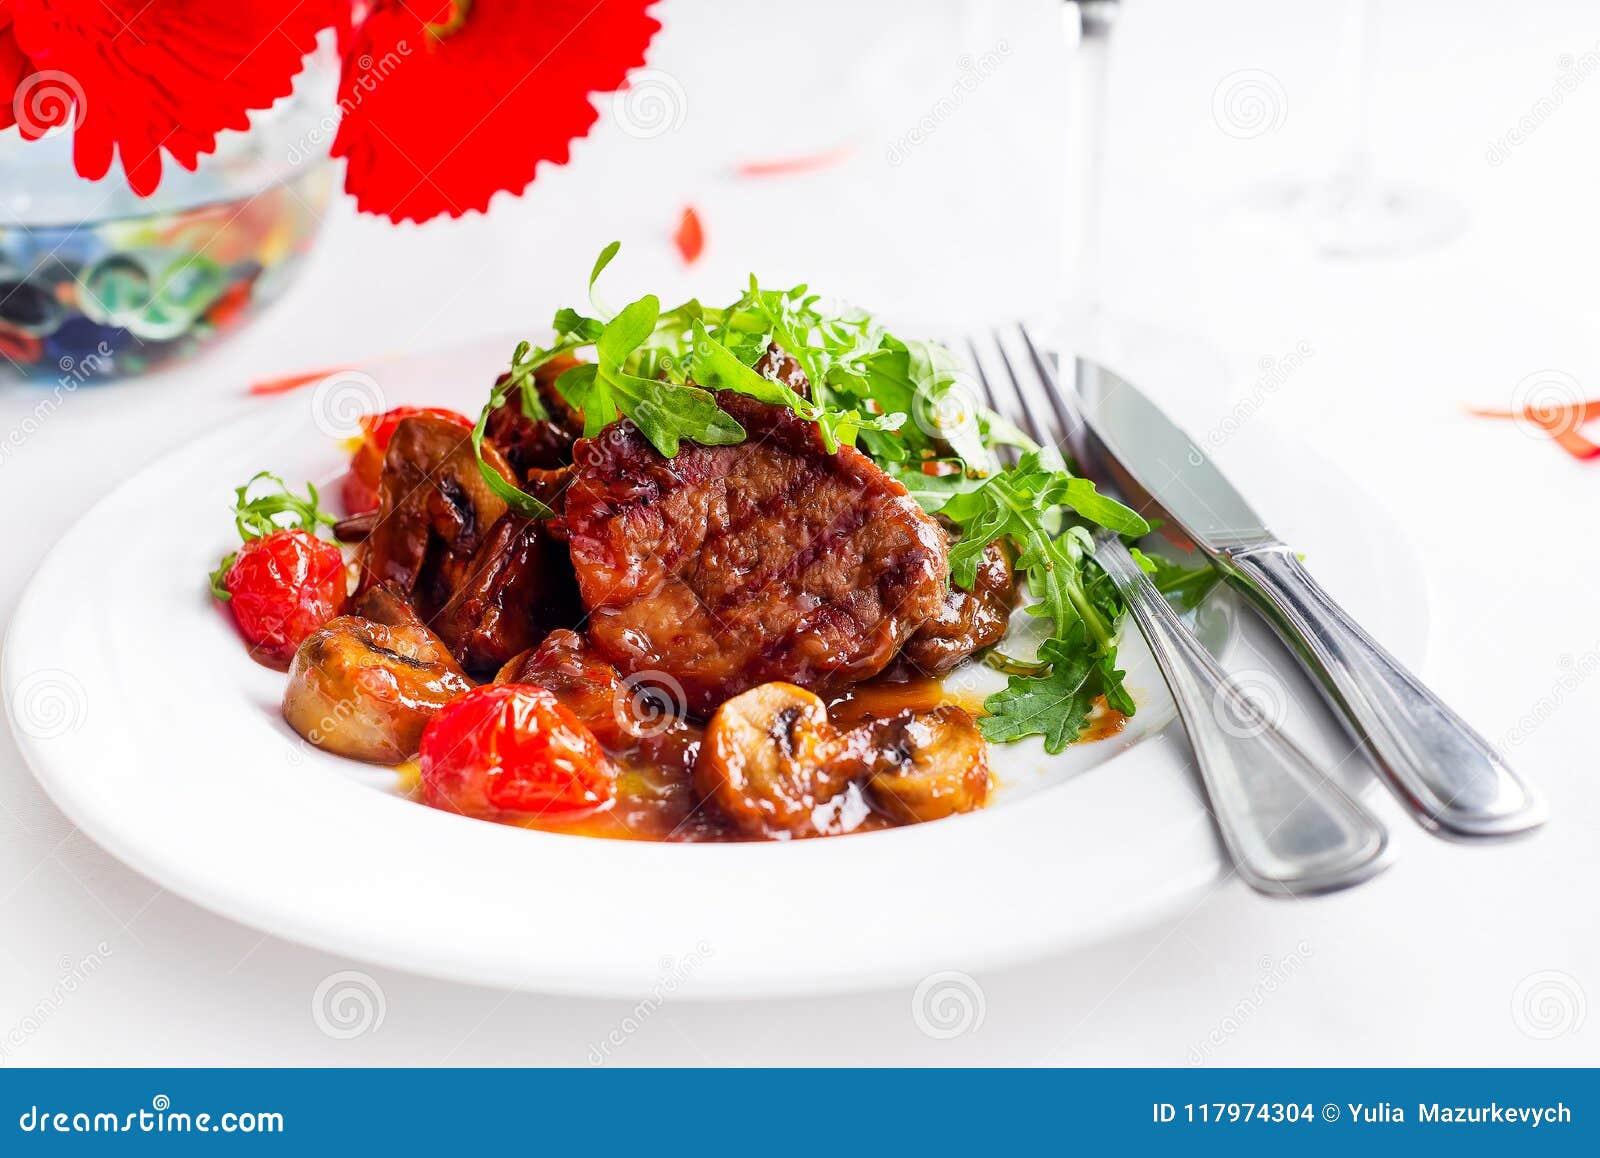 Boeuf rare moyen de bifteck juteux avec des épices et des légumes grillés